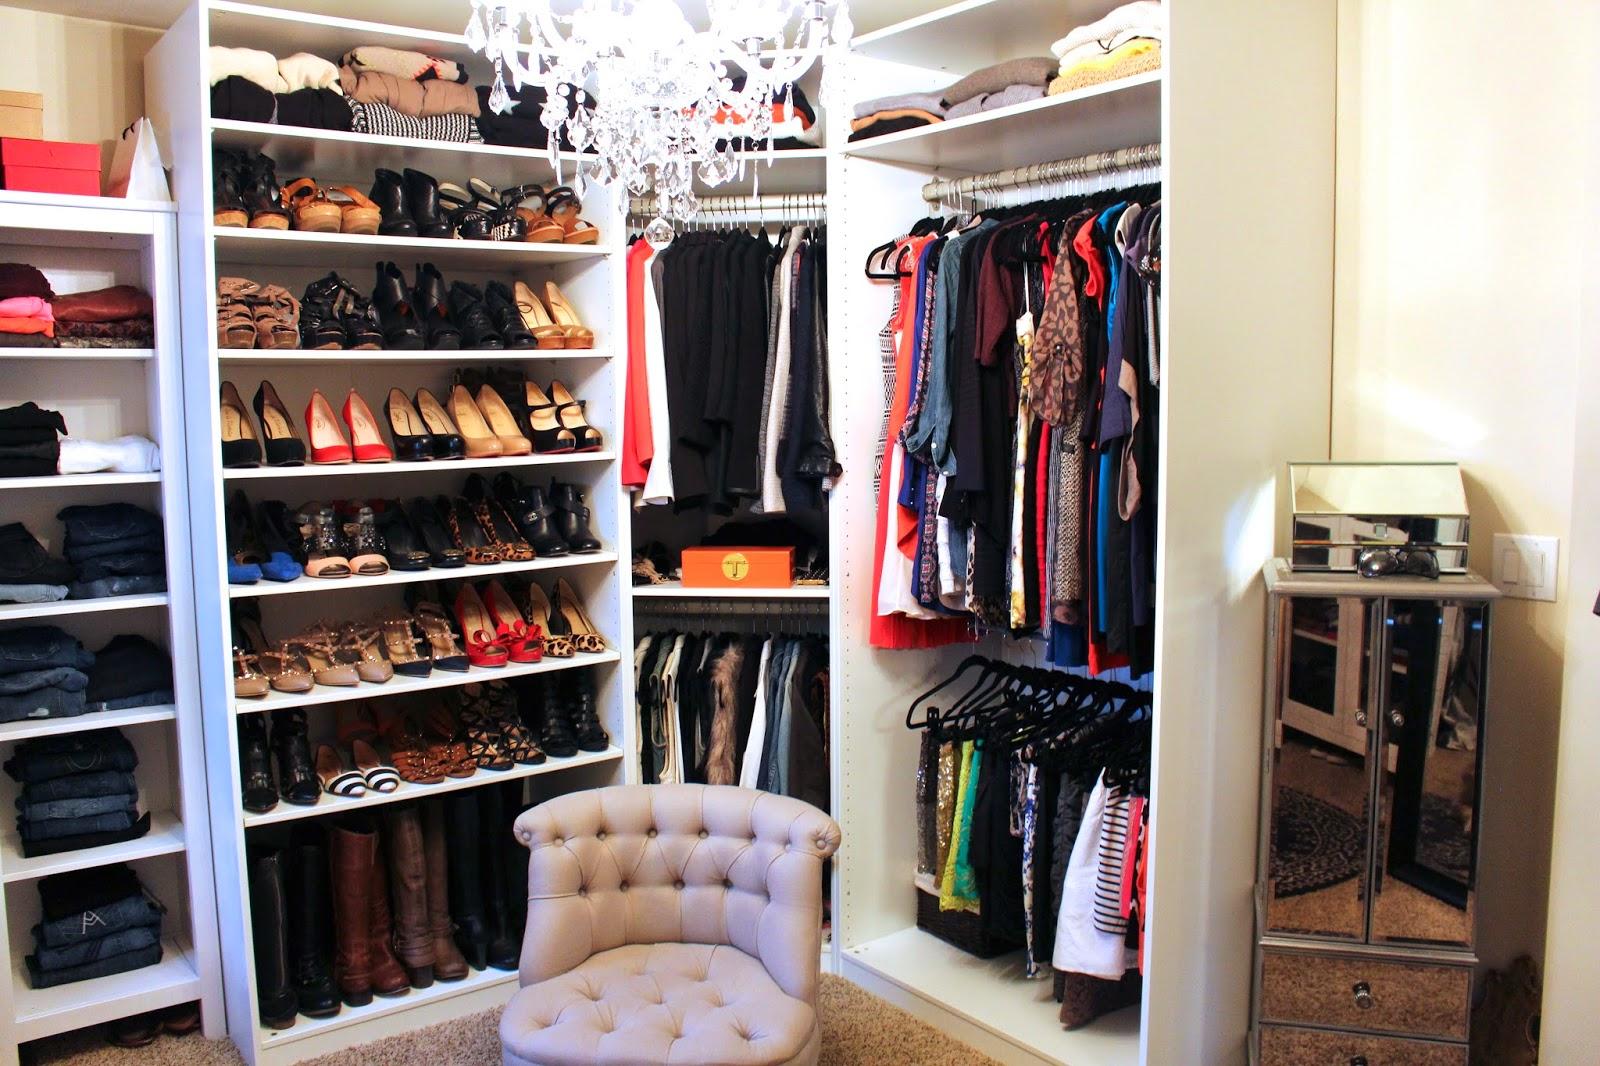 closet setup ideas - TiffanyD Updated Closet and Makeup ing Area Tour